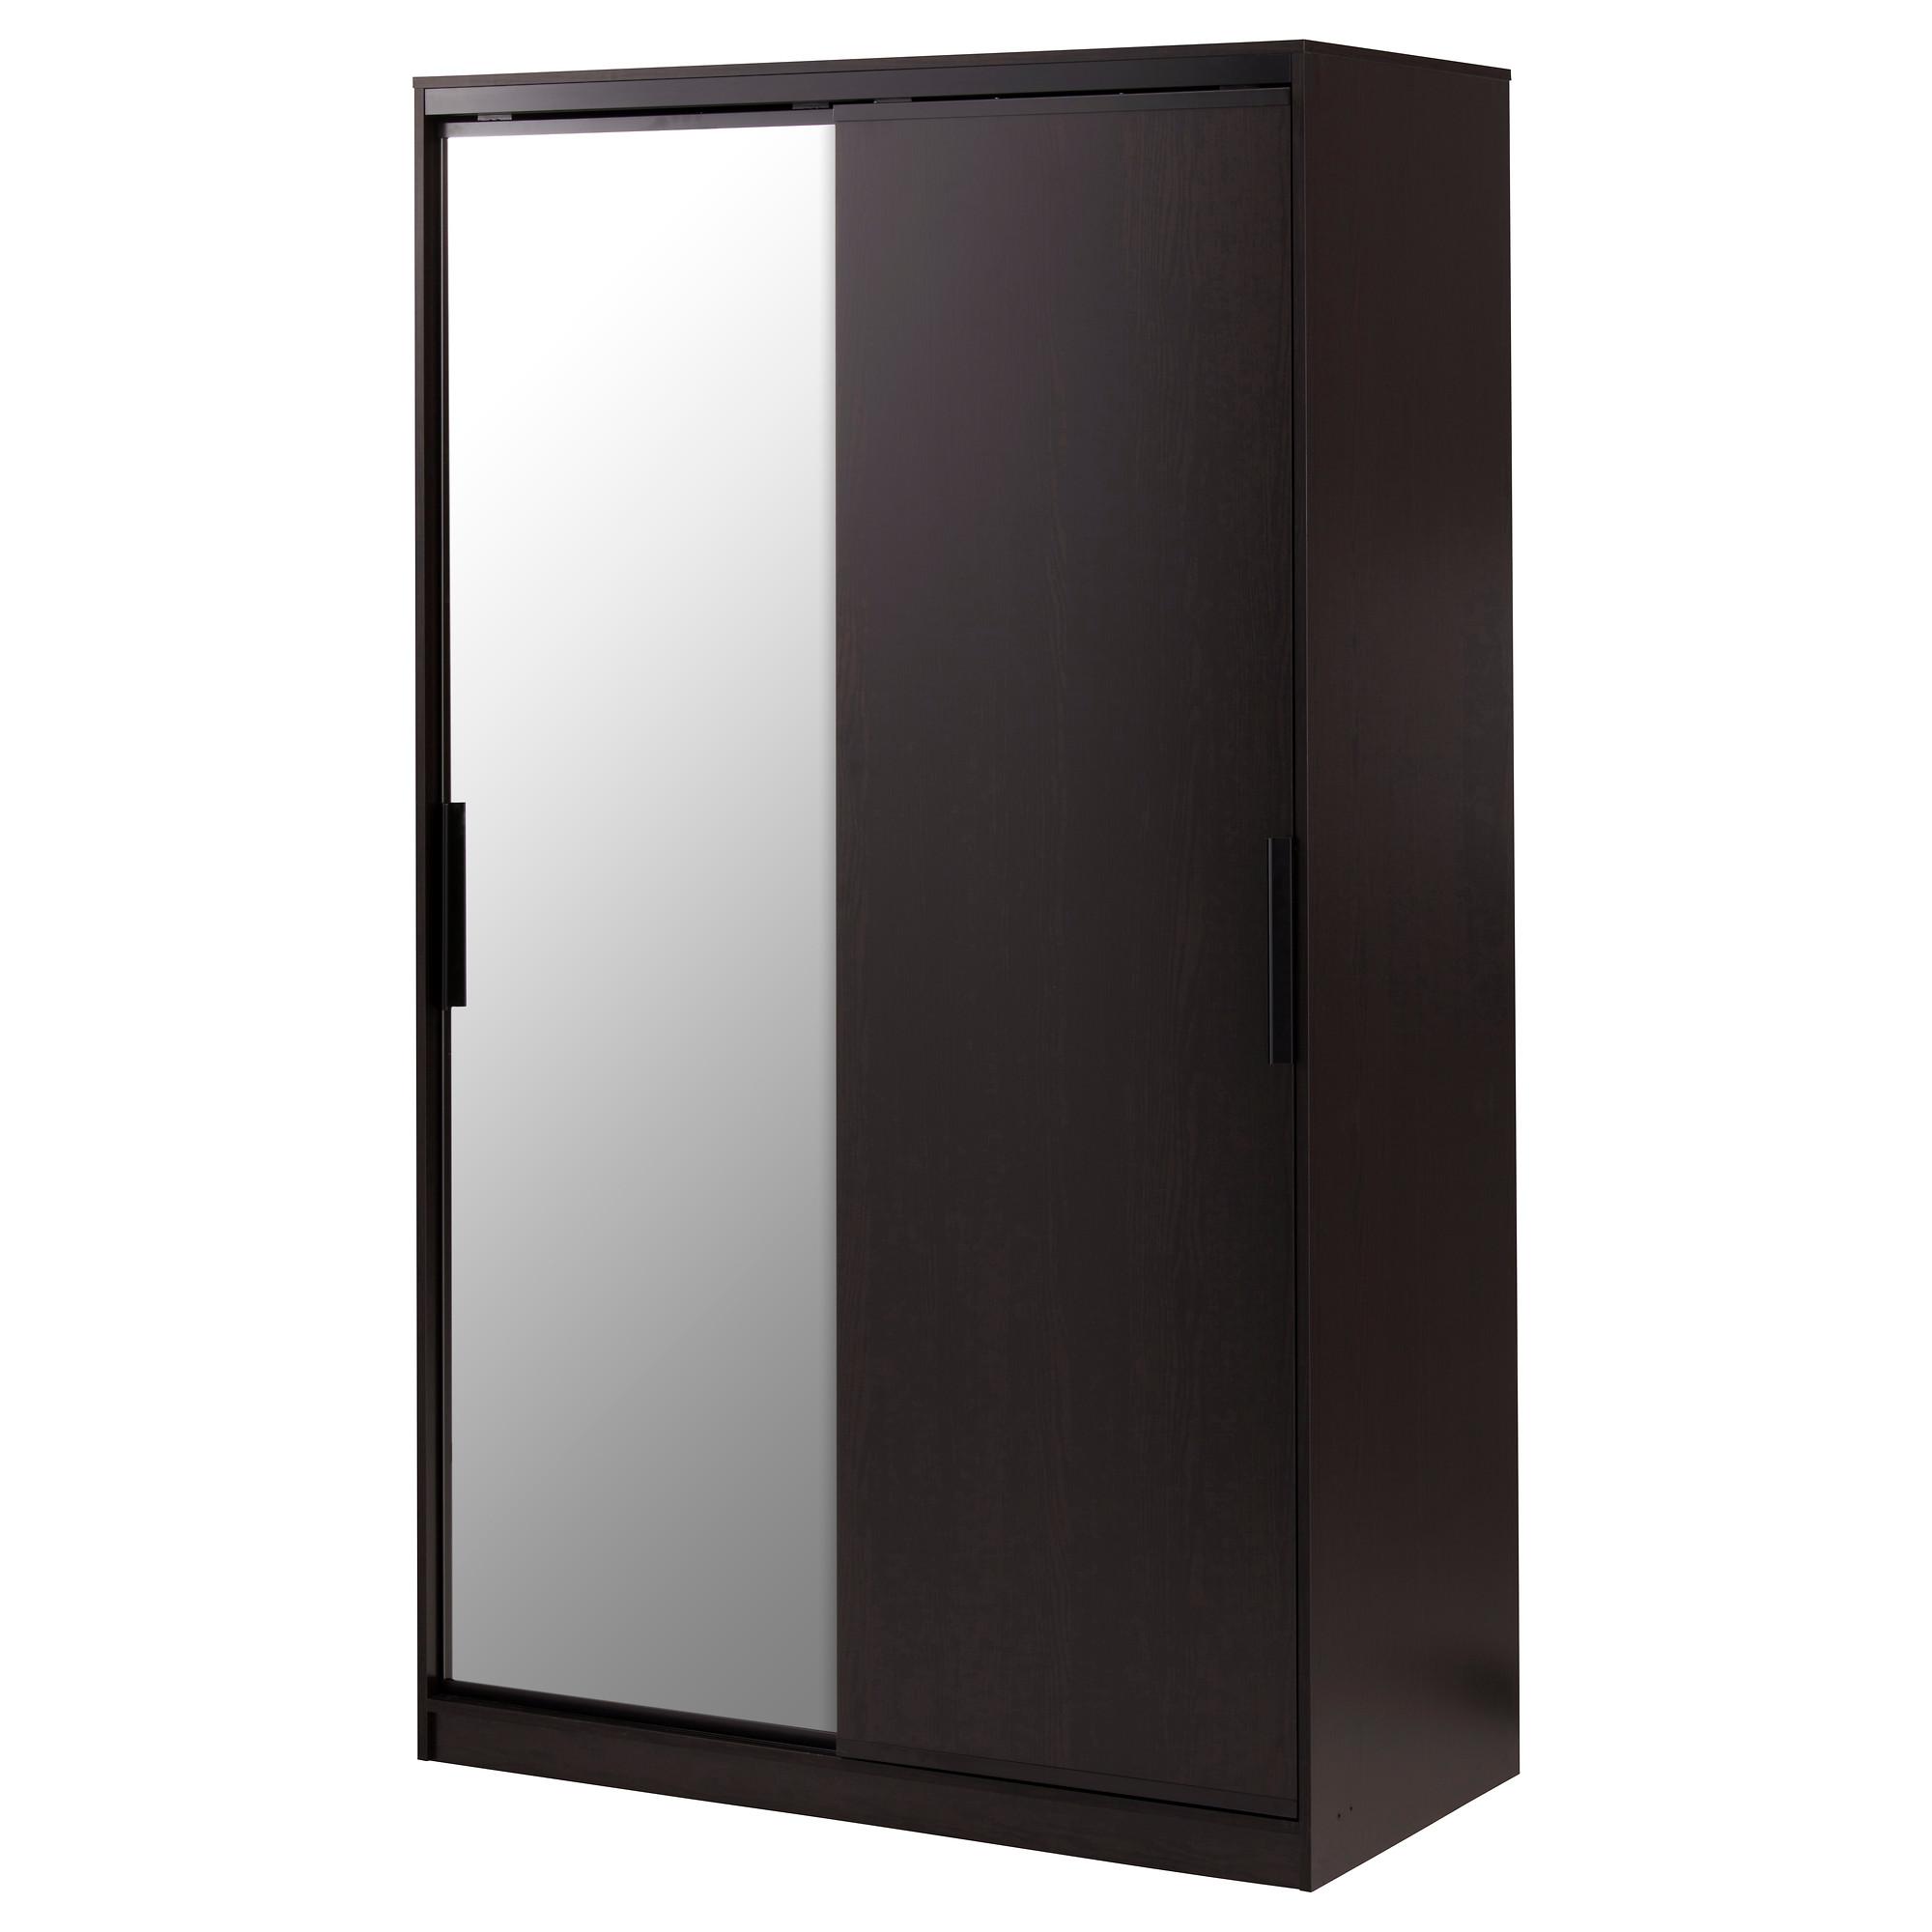 Купить гардероб морвик, черно-коричневый, зеркальное стекло .